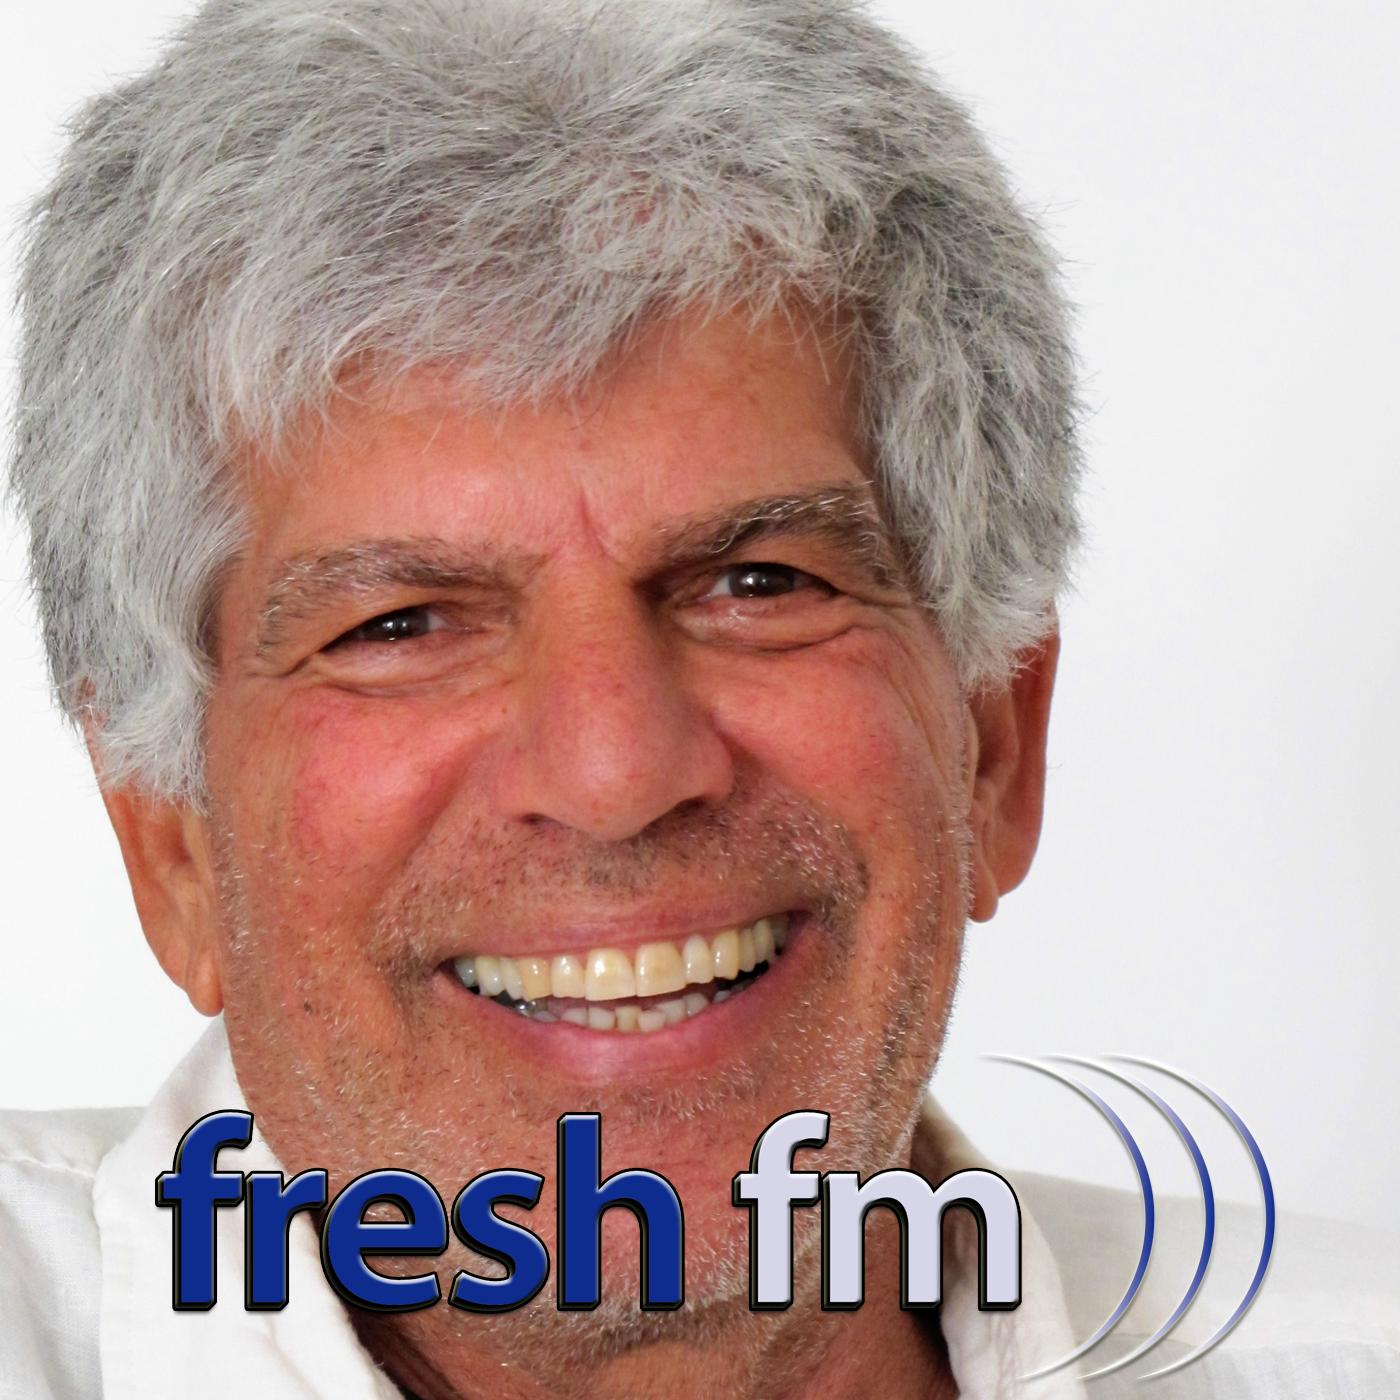 https://cdn.accessradio.org/StationFolder/freshfm/Images/Fresh-Start - Michael-Bortnick.png